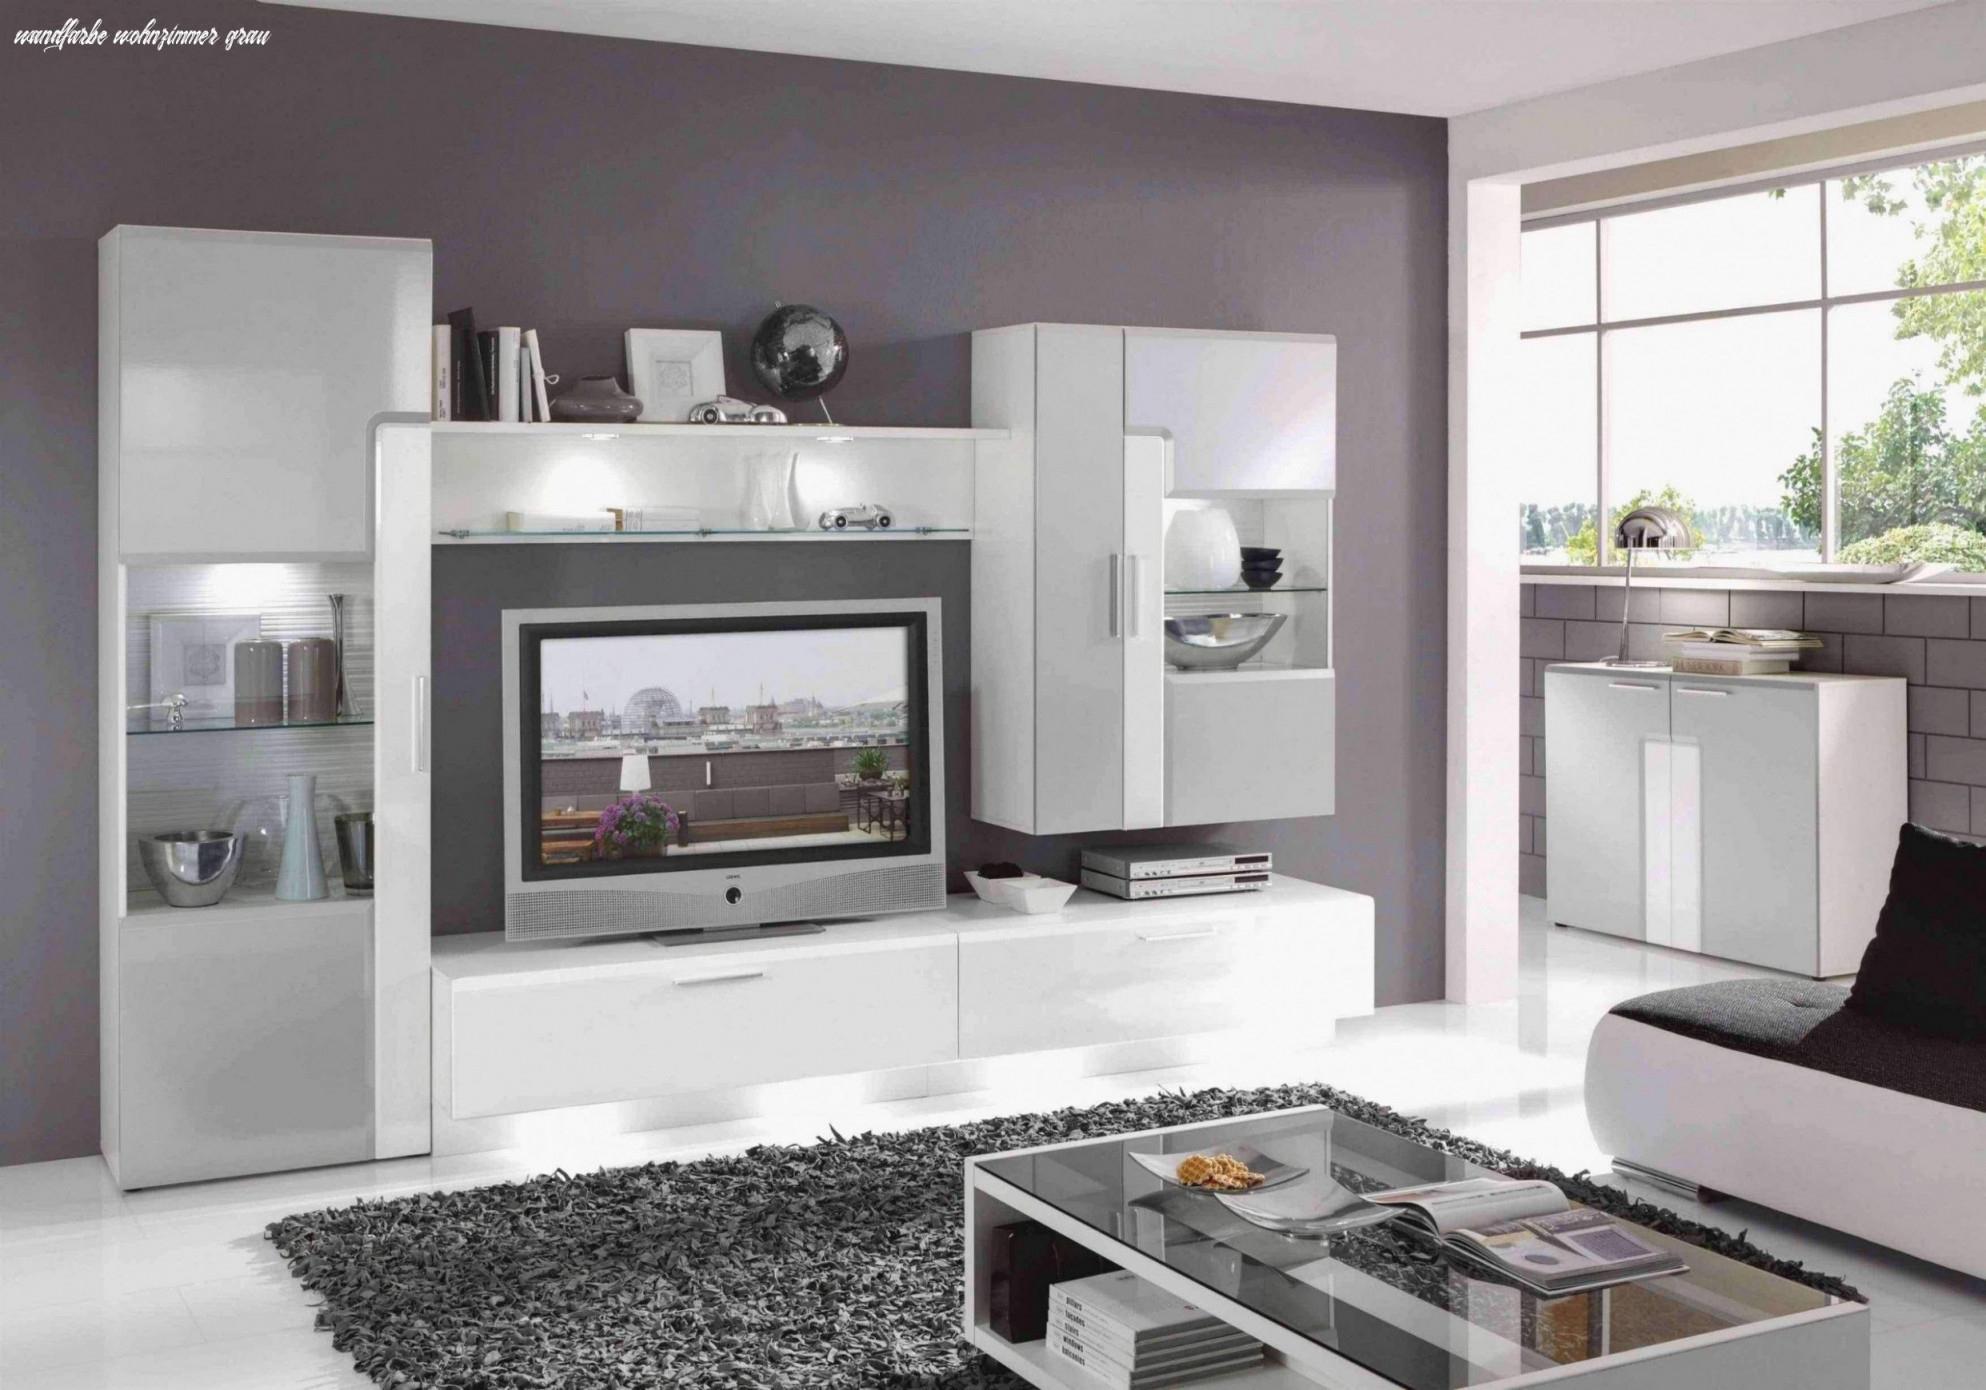 Alles Was Sie Über Wandfarbe Wohnzimmer Grau Wissen Müssen von Wohnzimmer Grau Ideen Photo